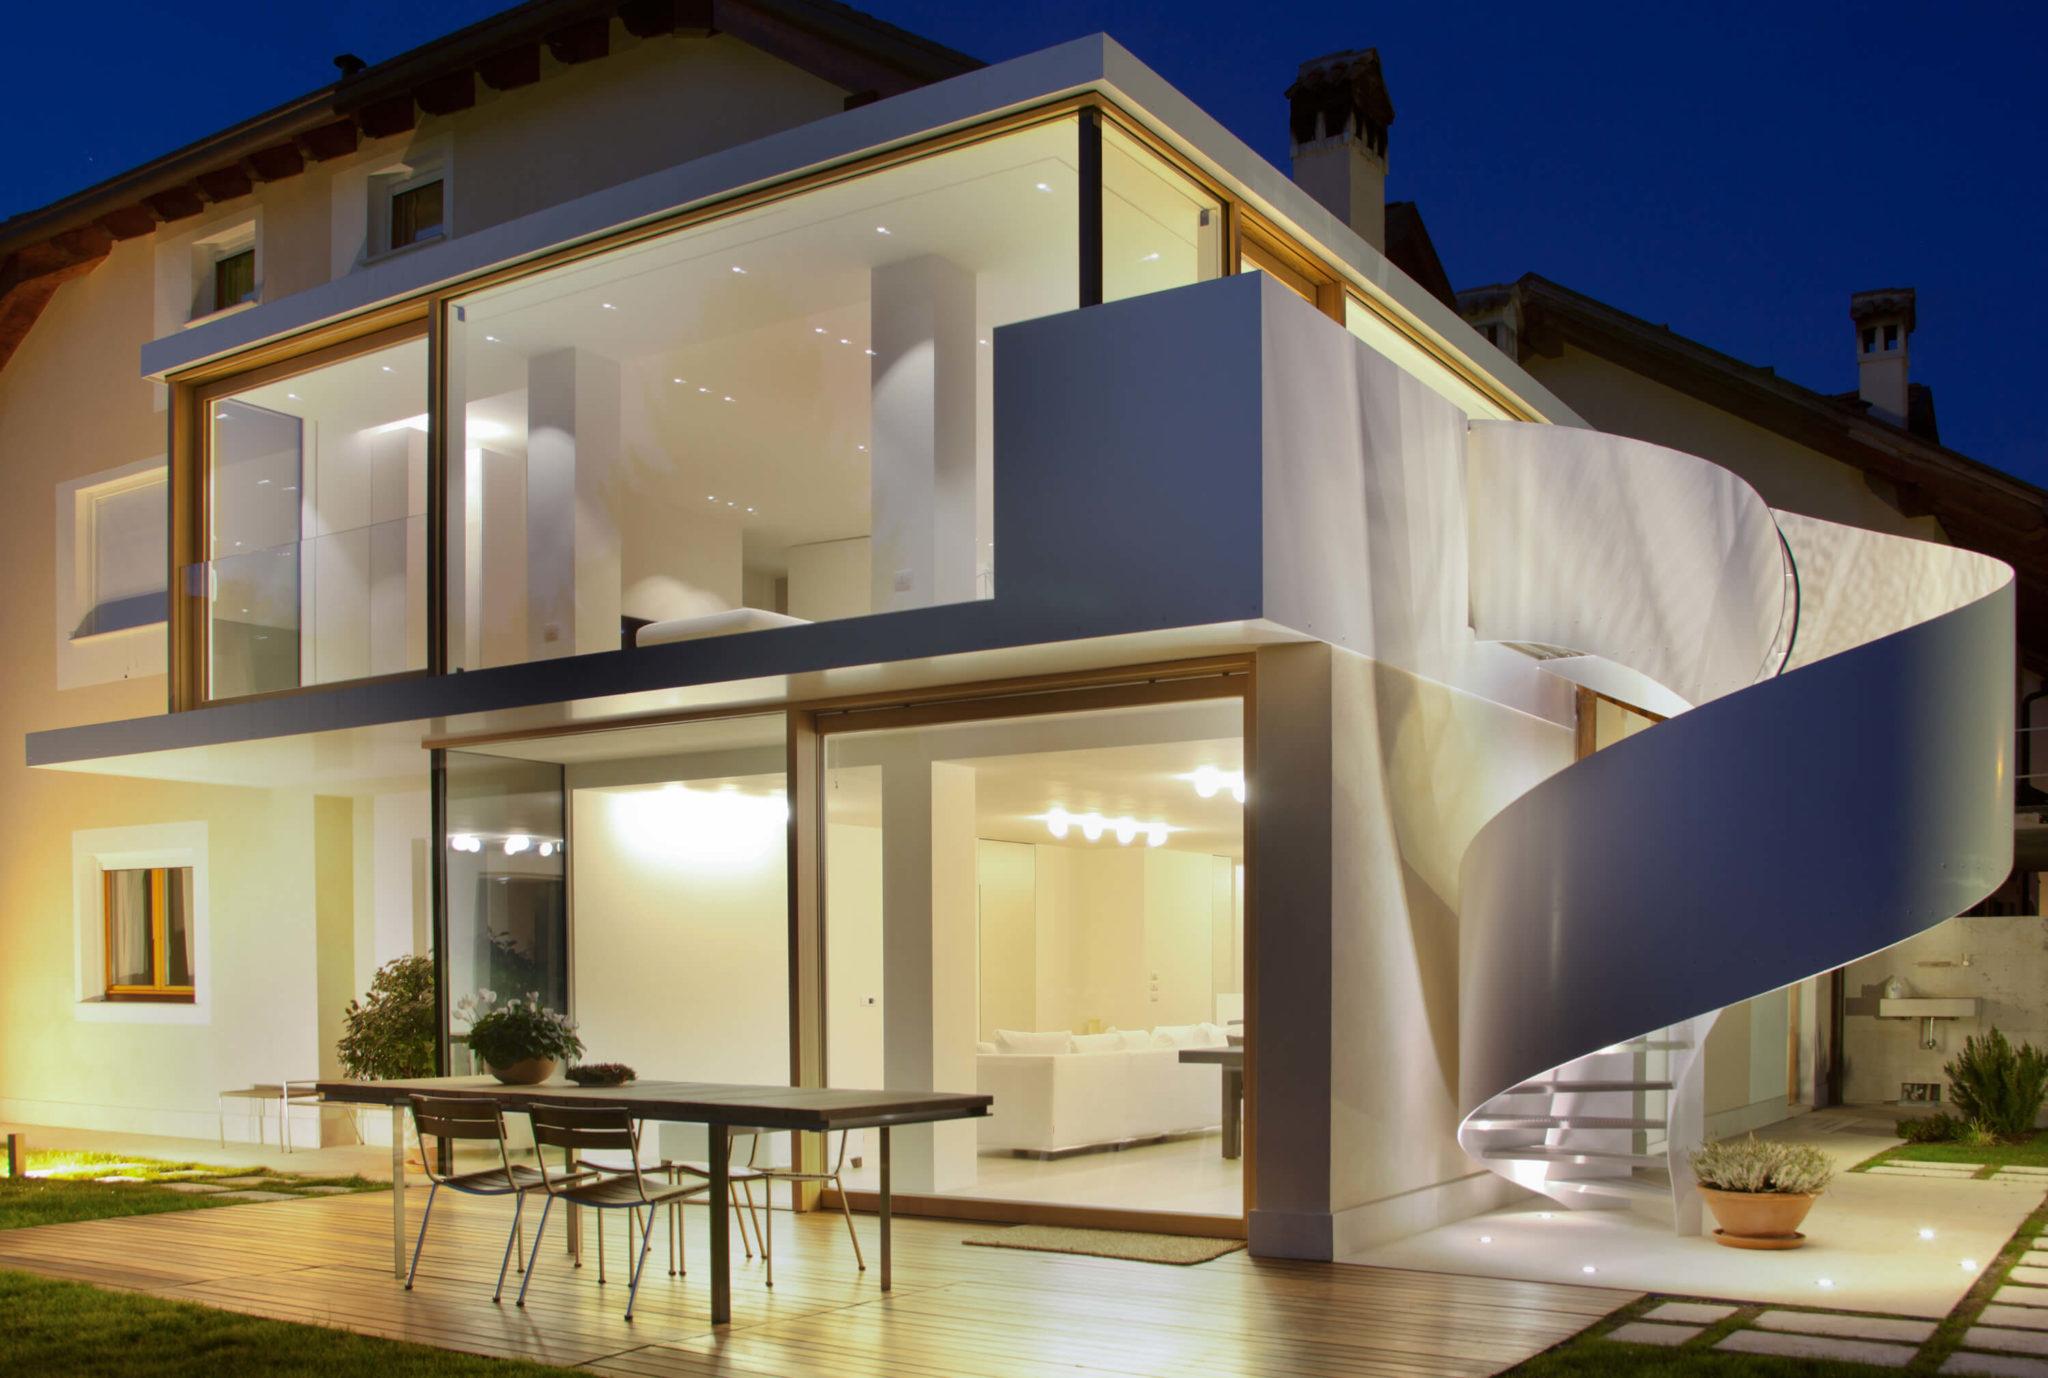 Illuminare casa senza lampadari a sospensione come fare - Illuminazione casa ...